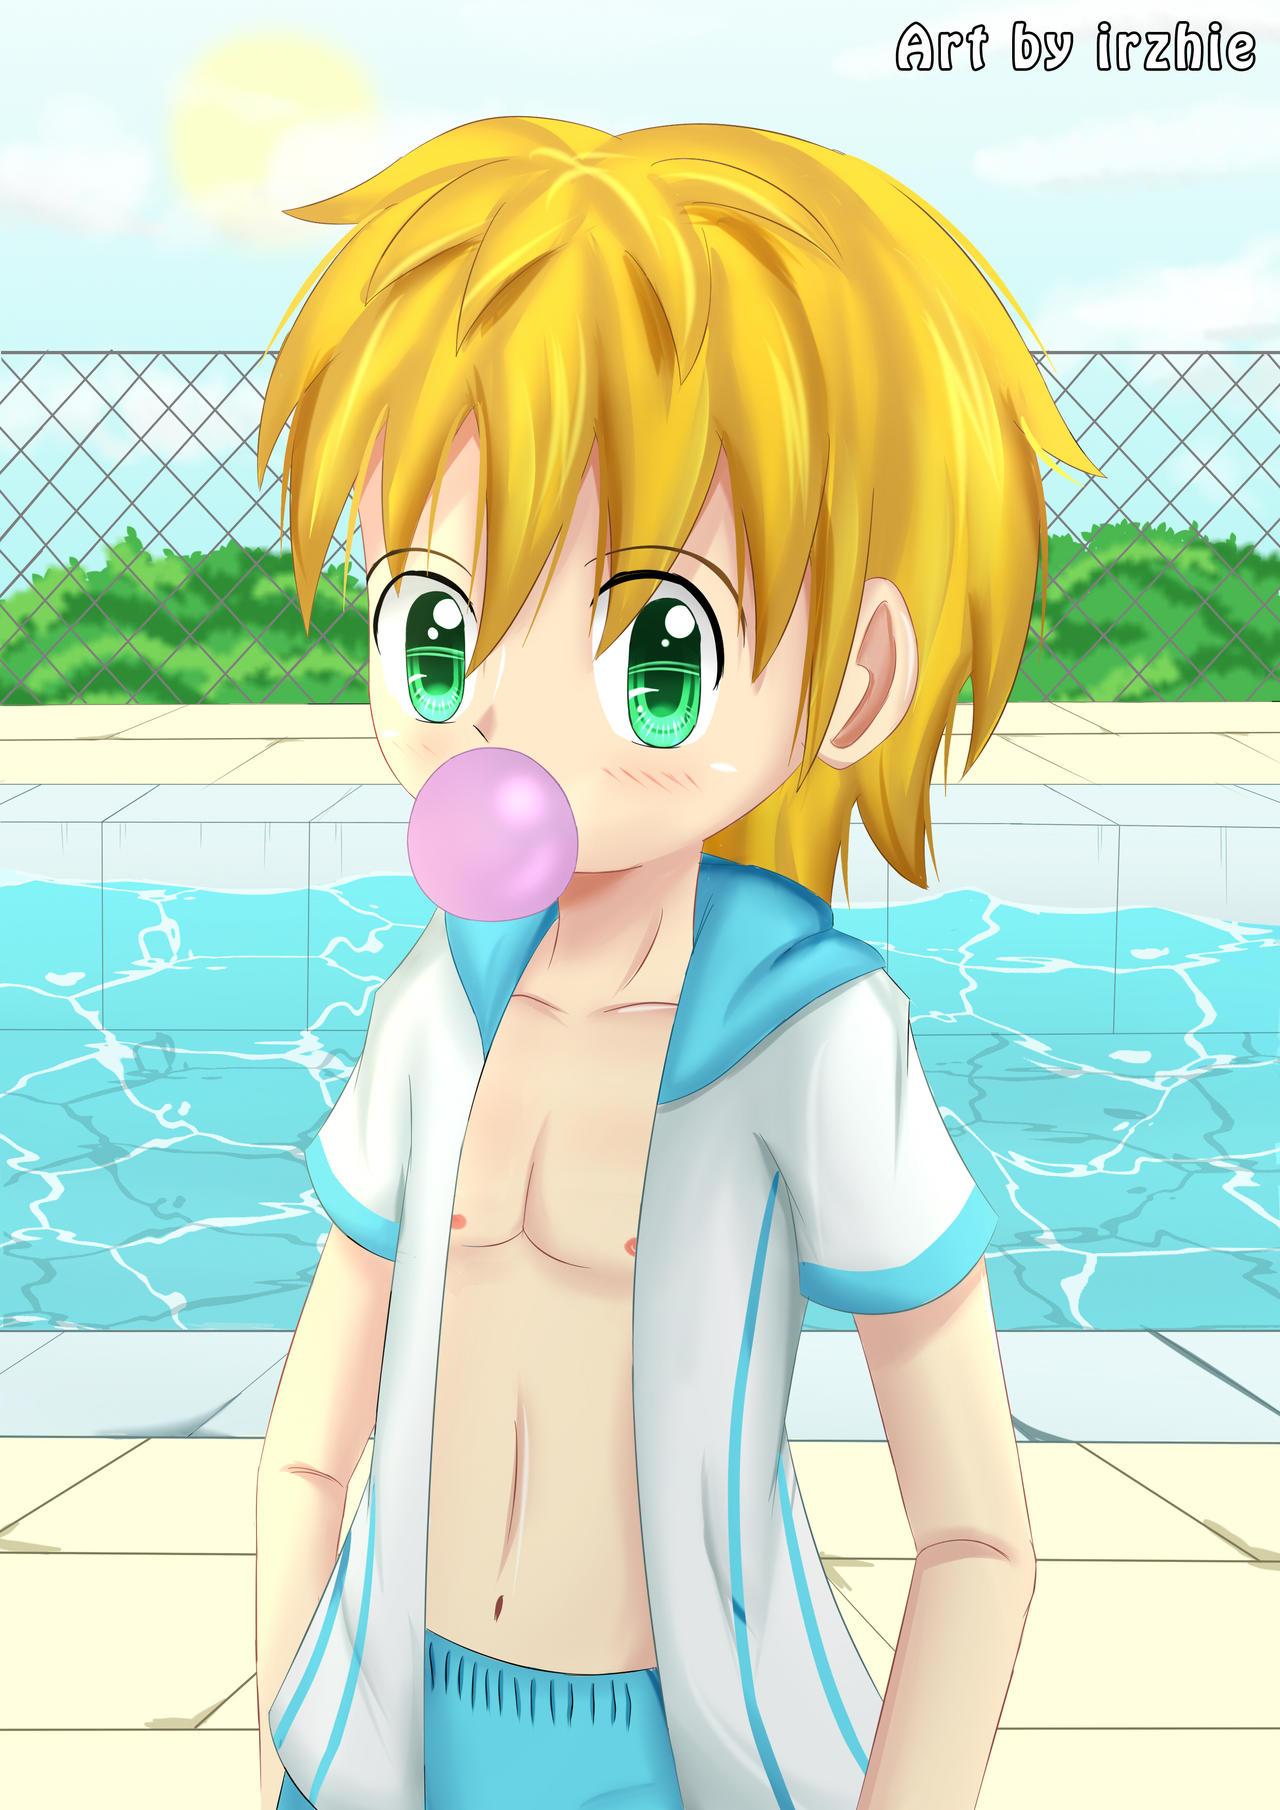 Summer Boy by irzhie